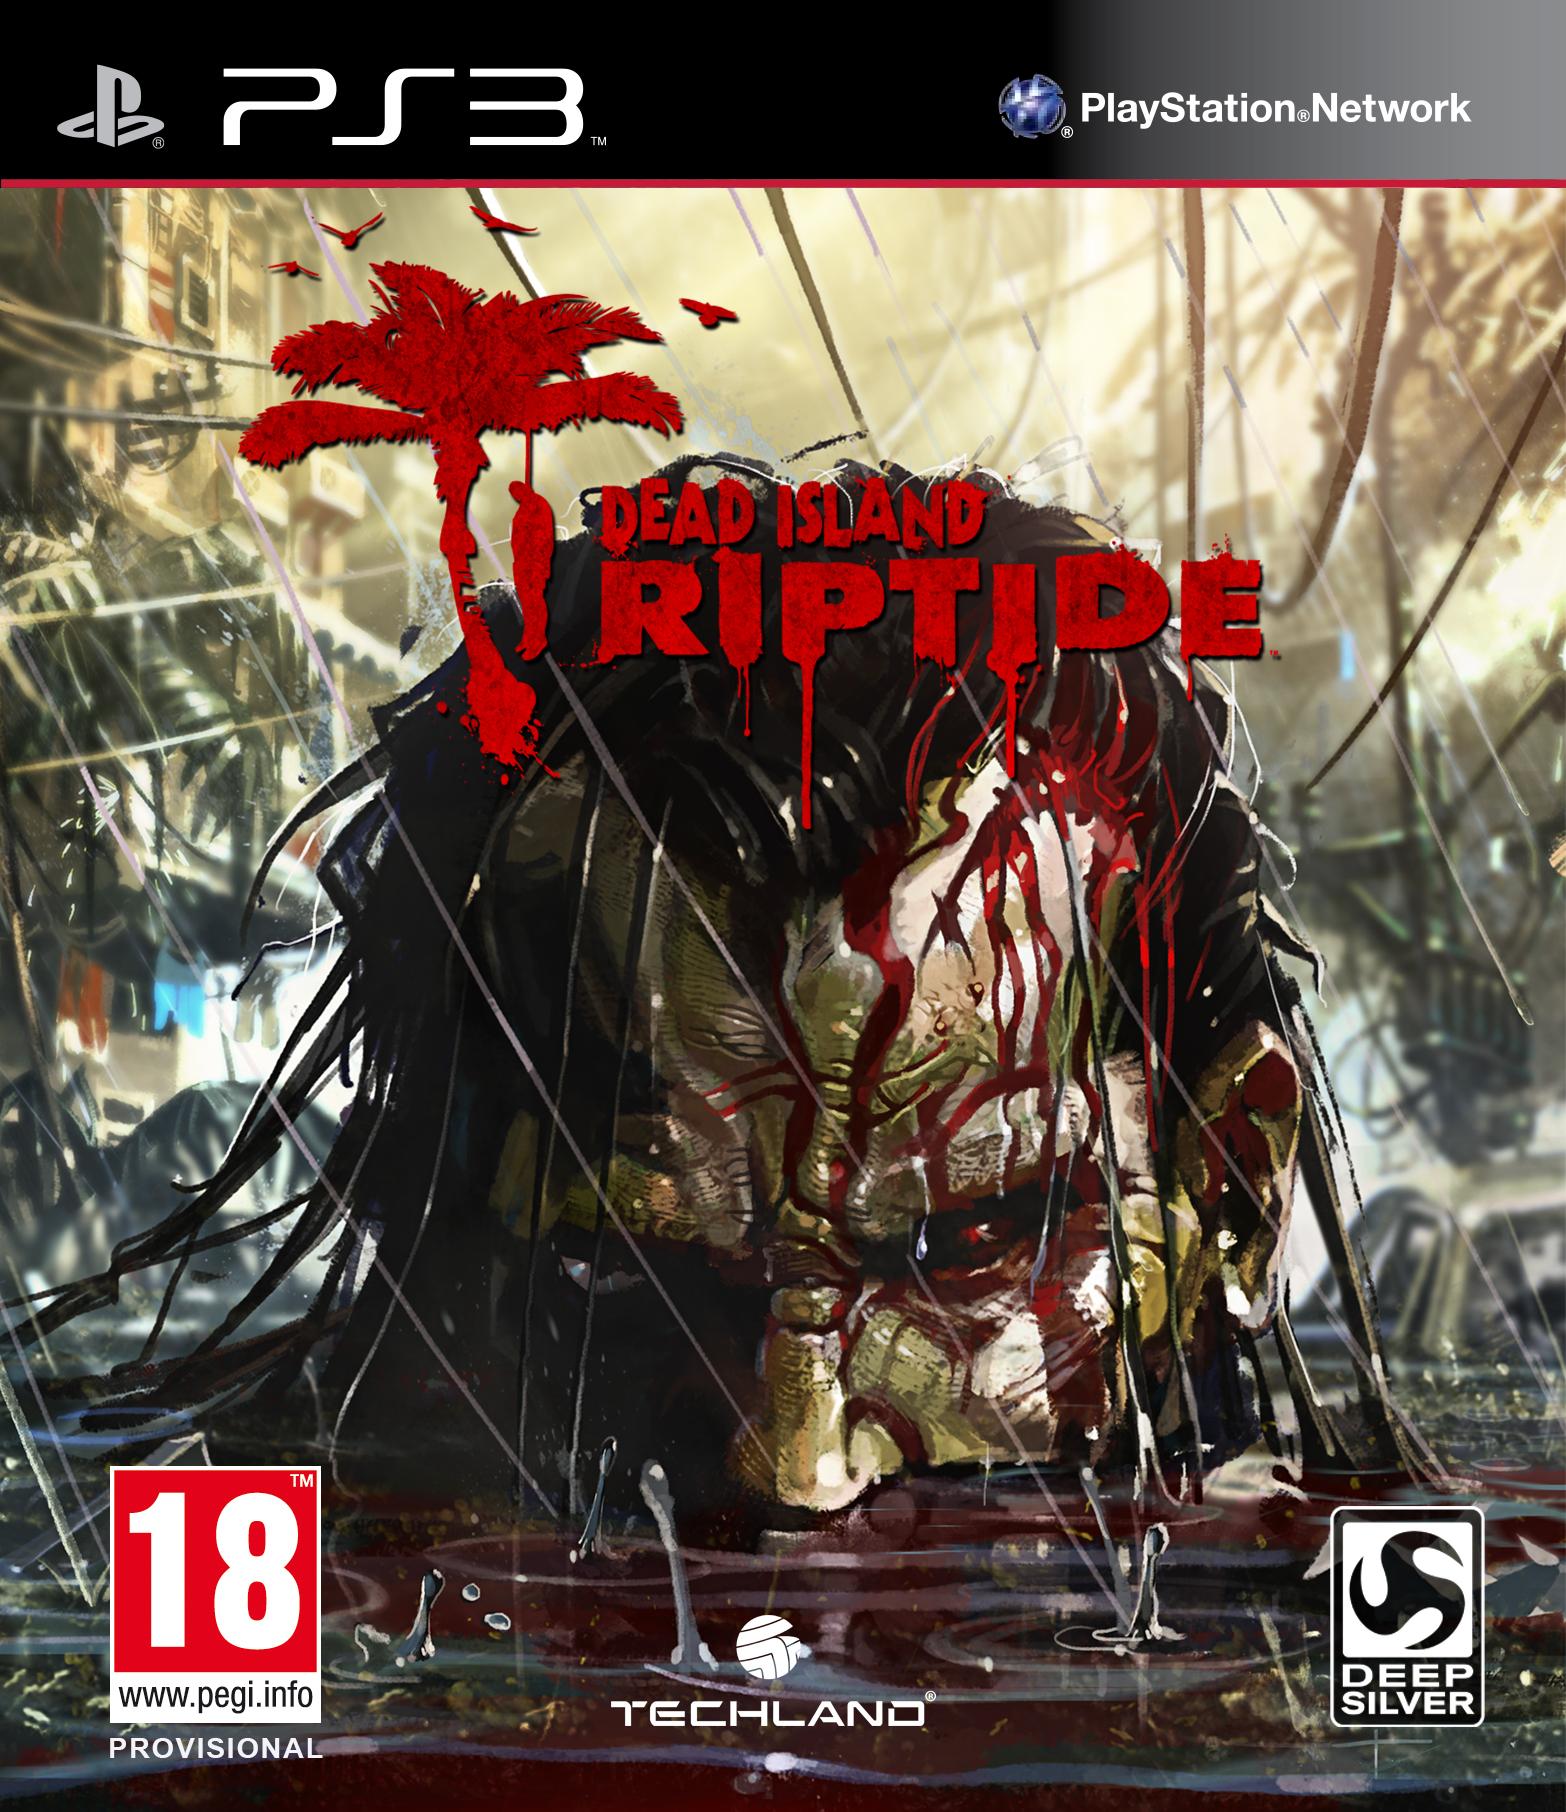 Dead Island Riptide Packshot - Dead Island Riptide: Release enthüllt + Packshot